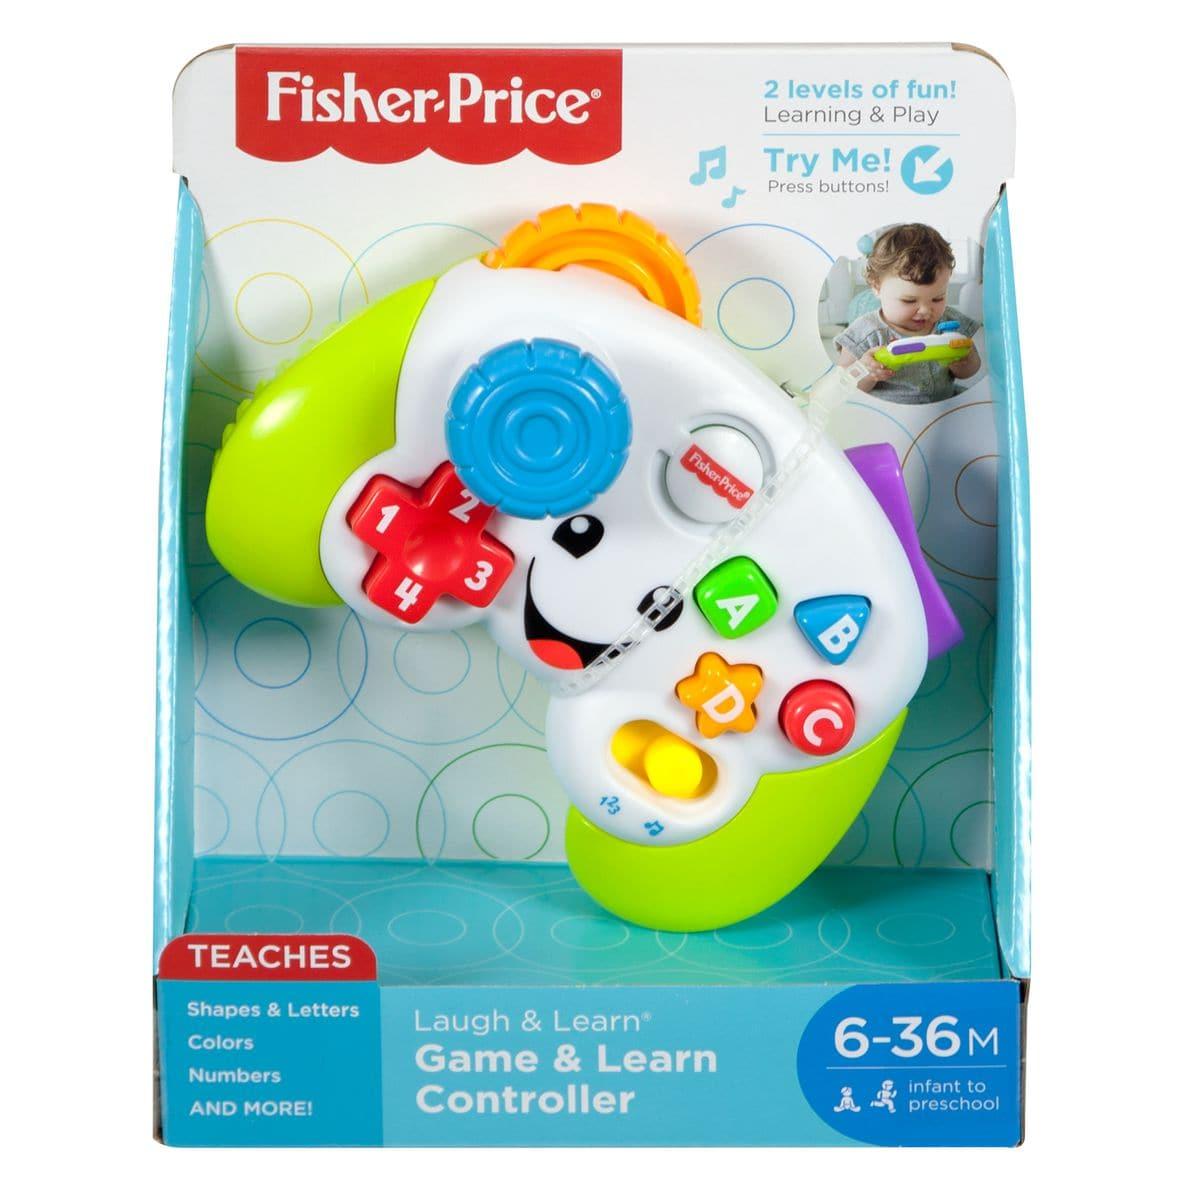 Fisher-Price FWG14 Spiel-Controller (D) Lernspiel